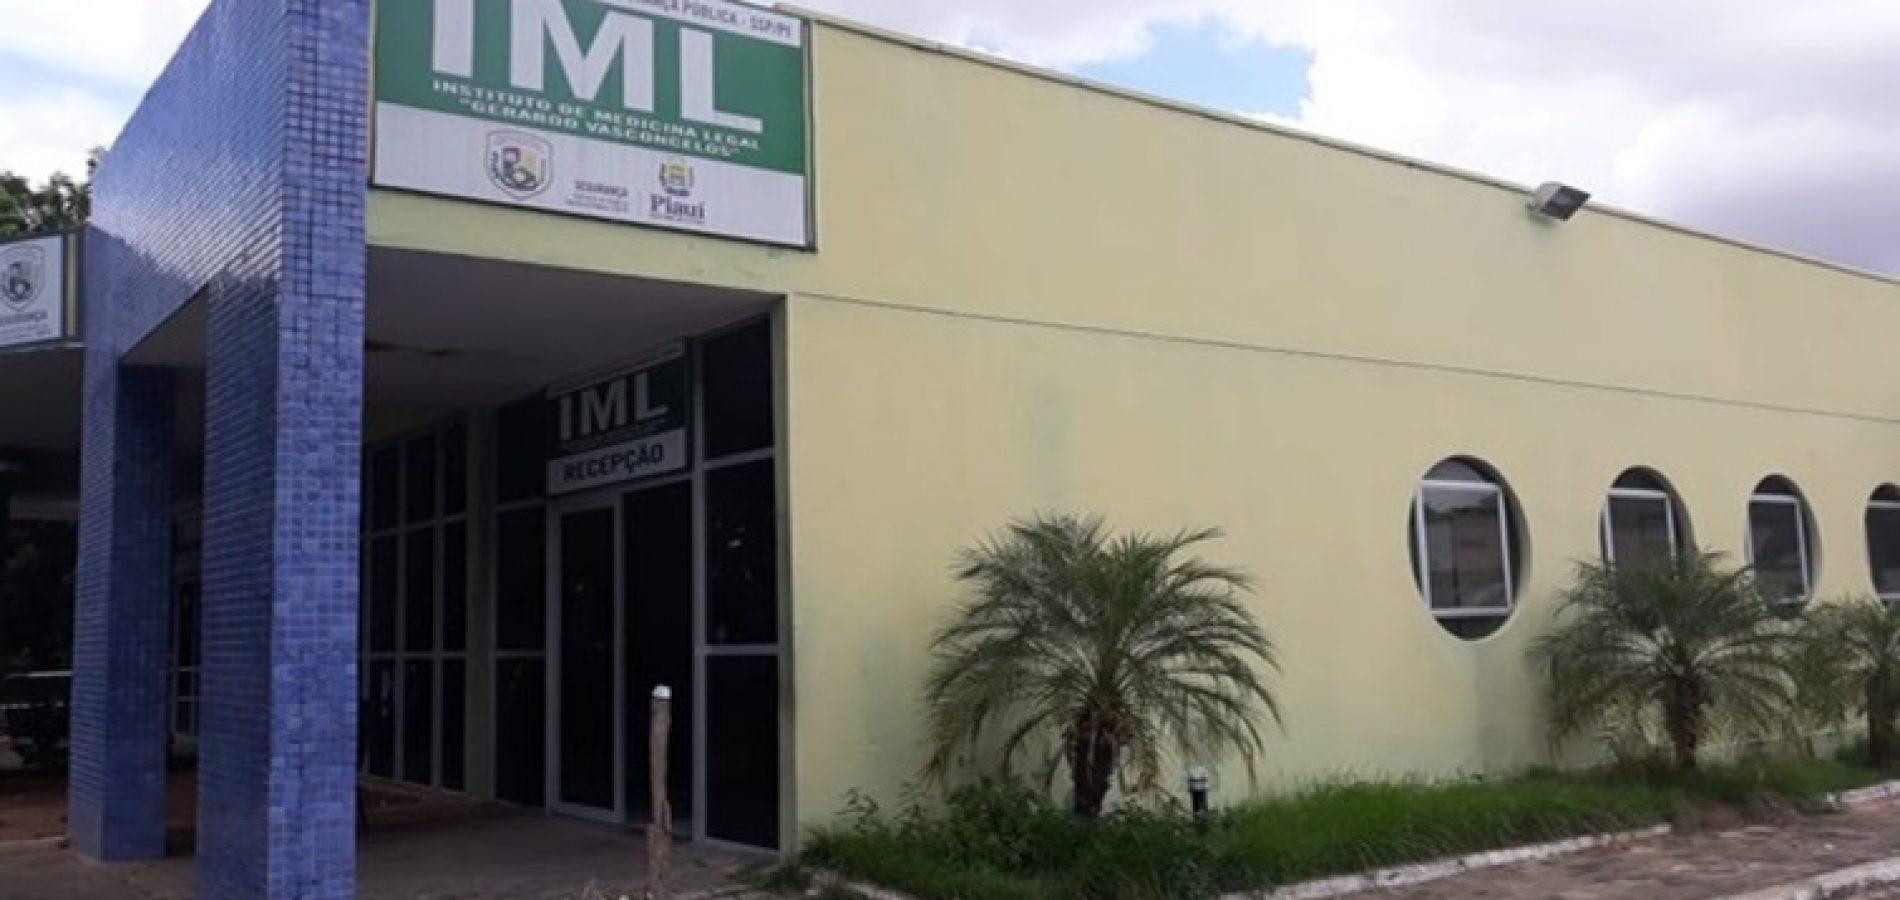 Homem morre após ser esfaqueado em Mercado Central no Piauí